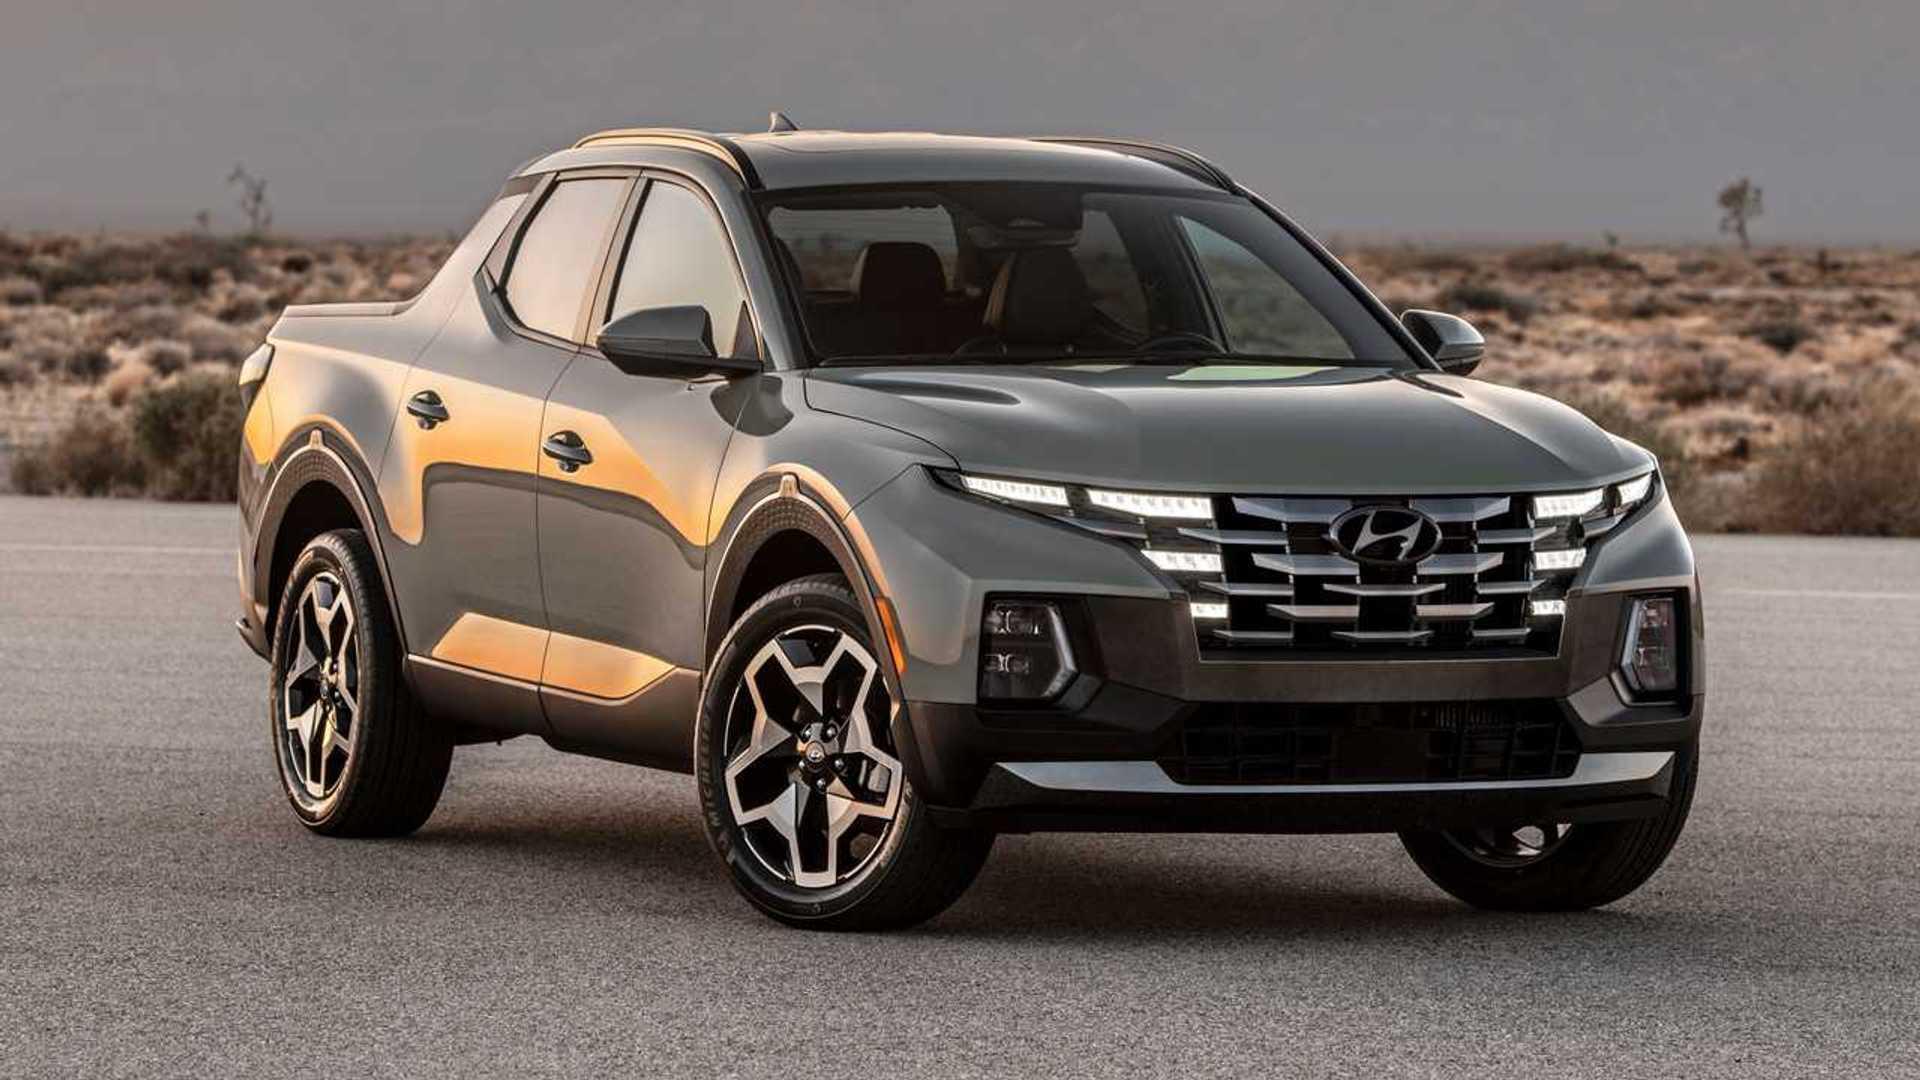 2022 Hyundai Santa Cruz primer desierto de tres cuartos cuadrados